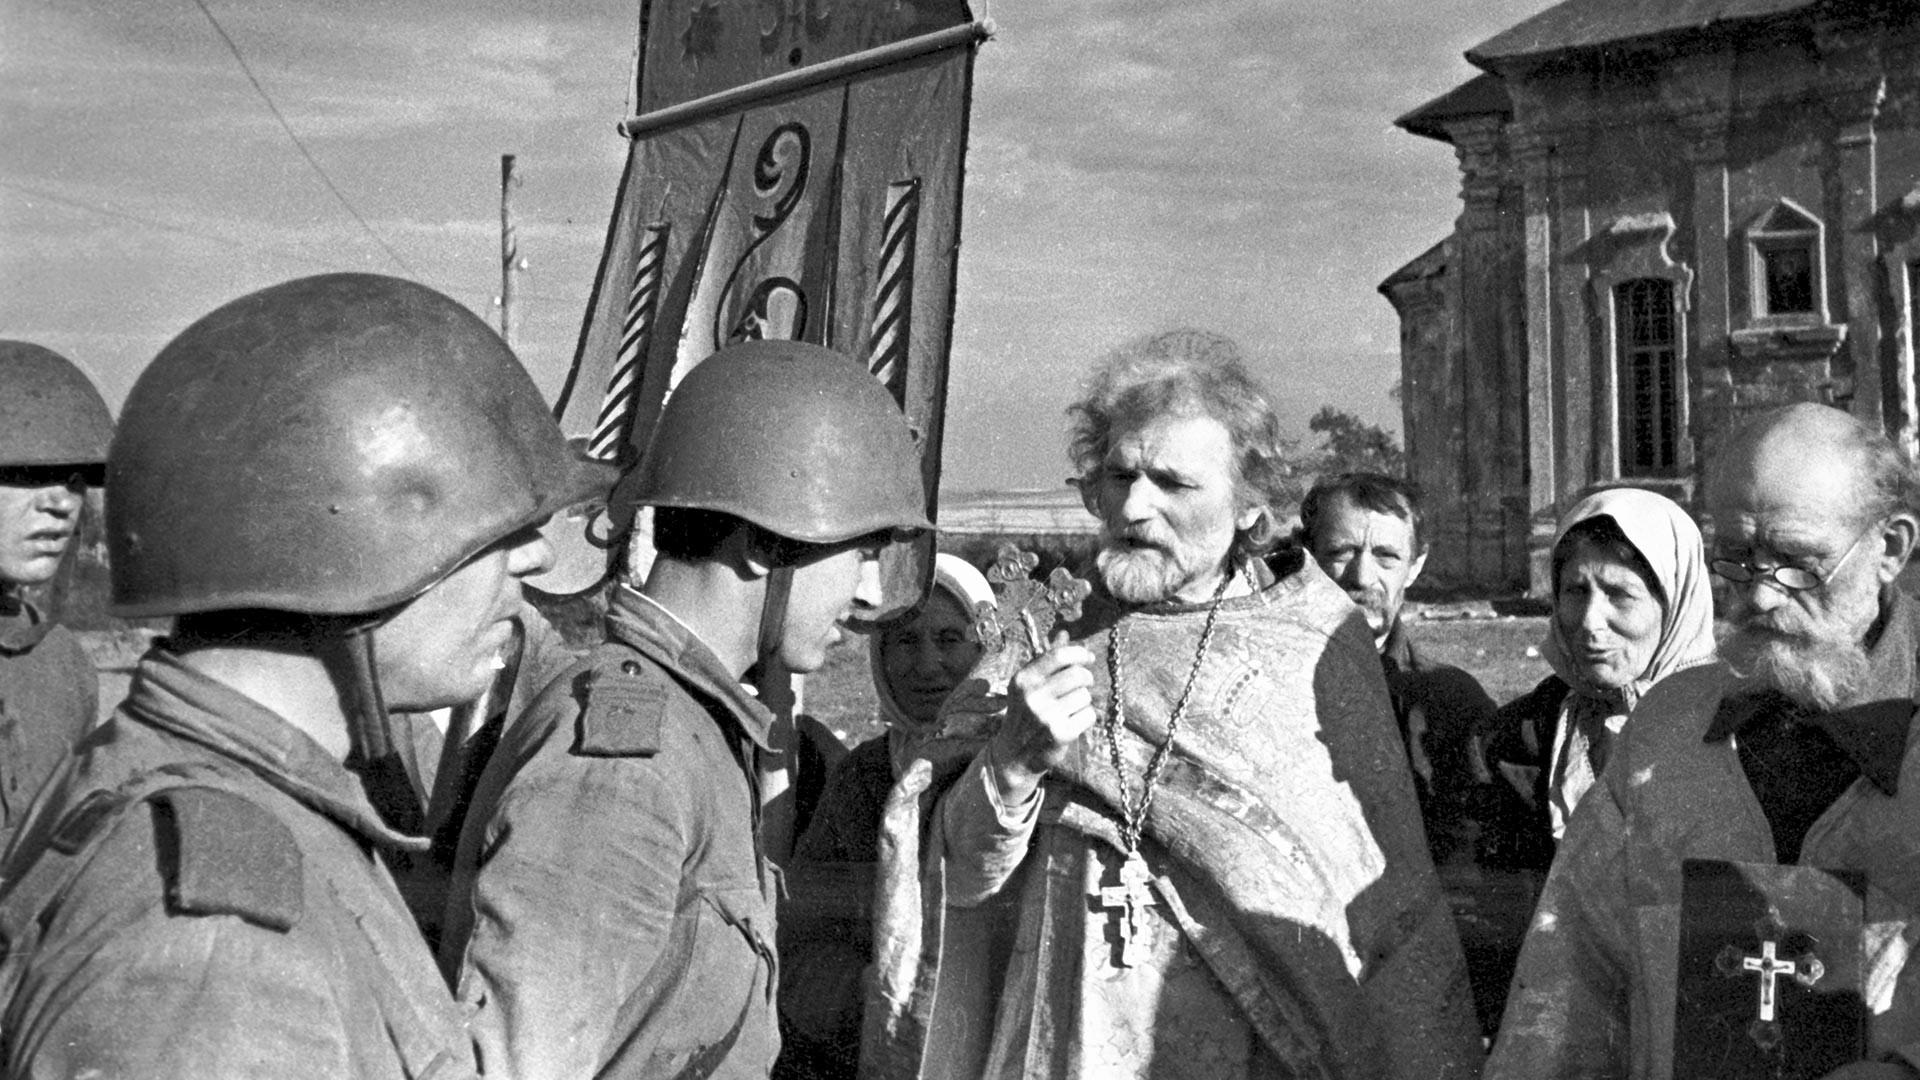 Des habitants d'une ville soviétique rencontrent leurs libérateurs